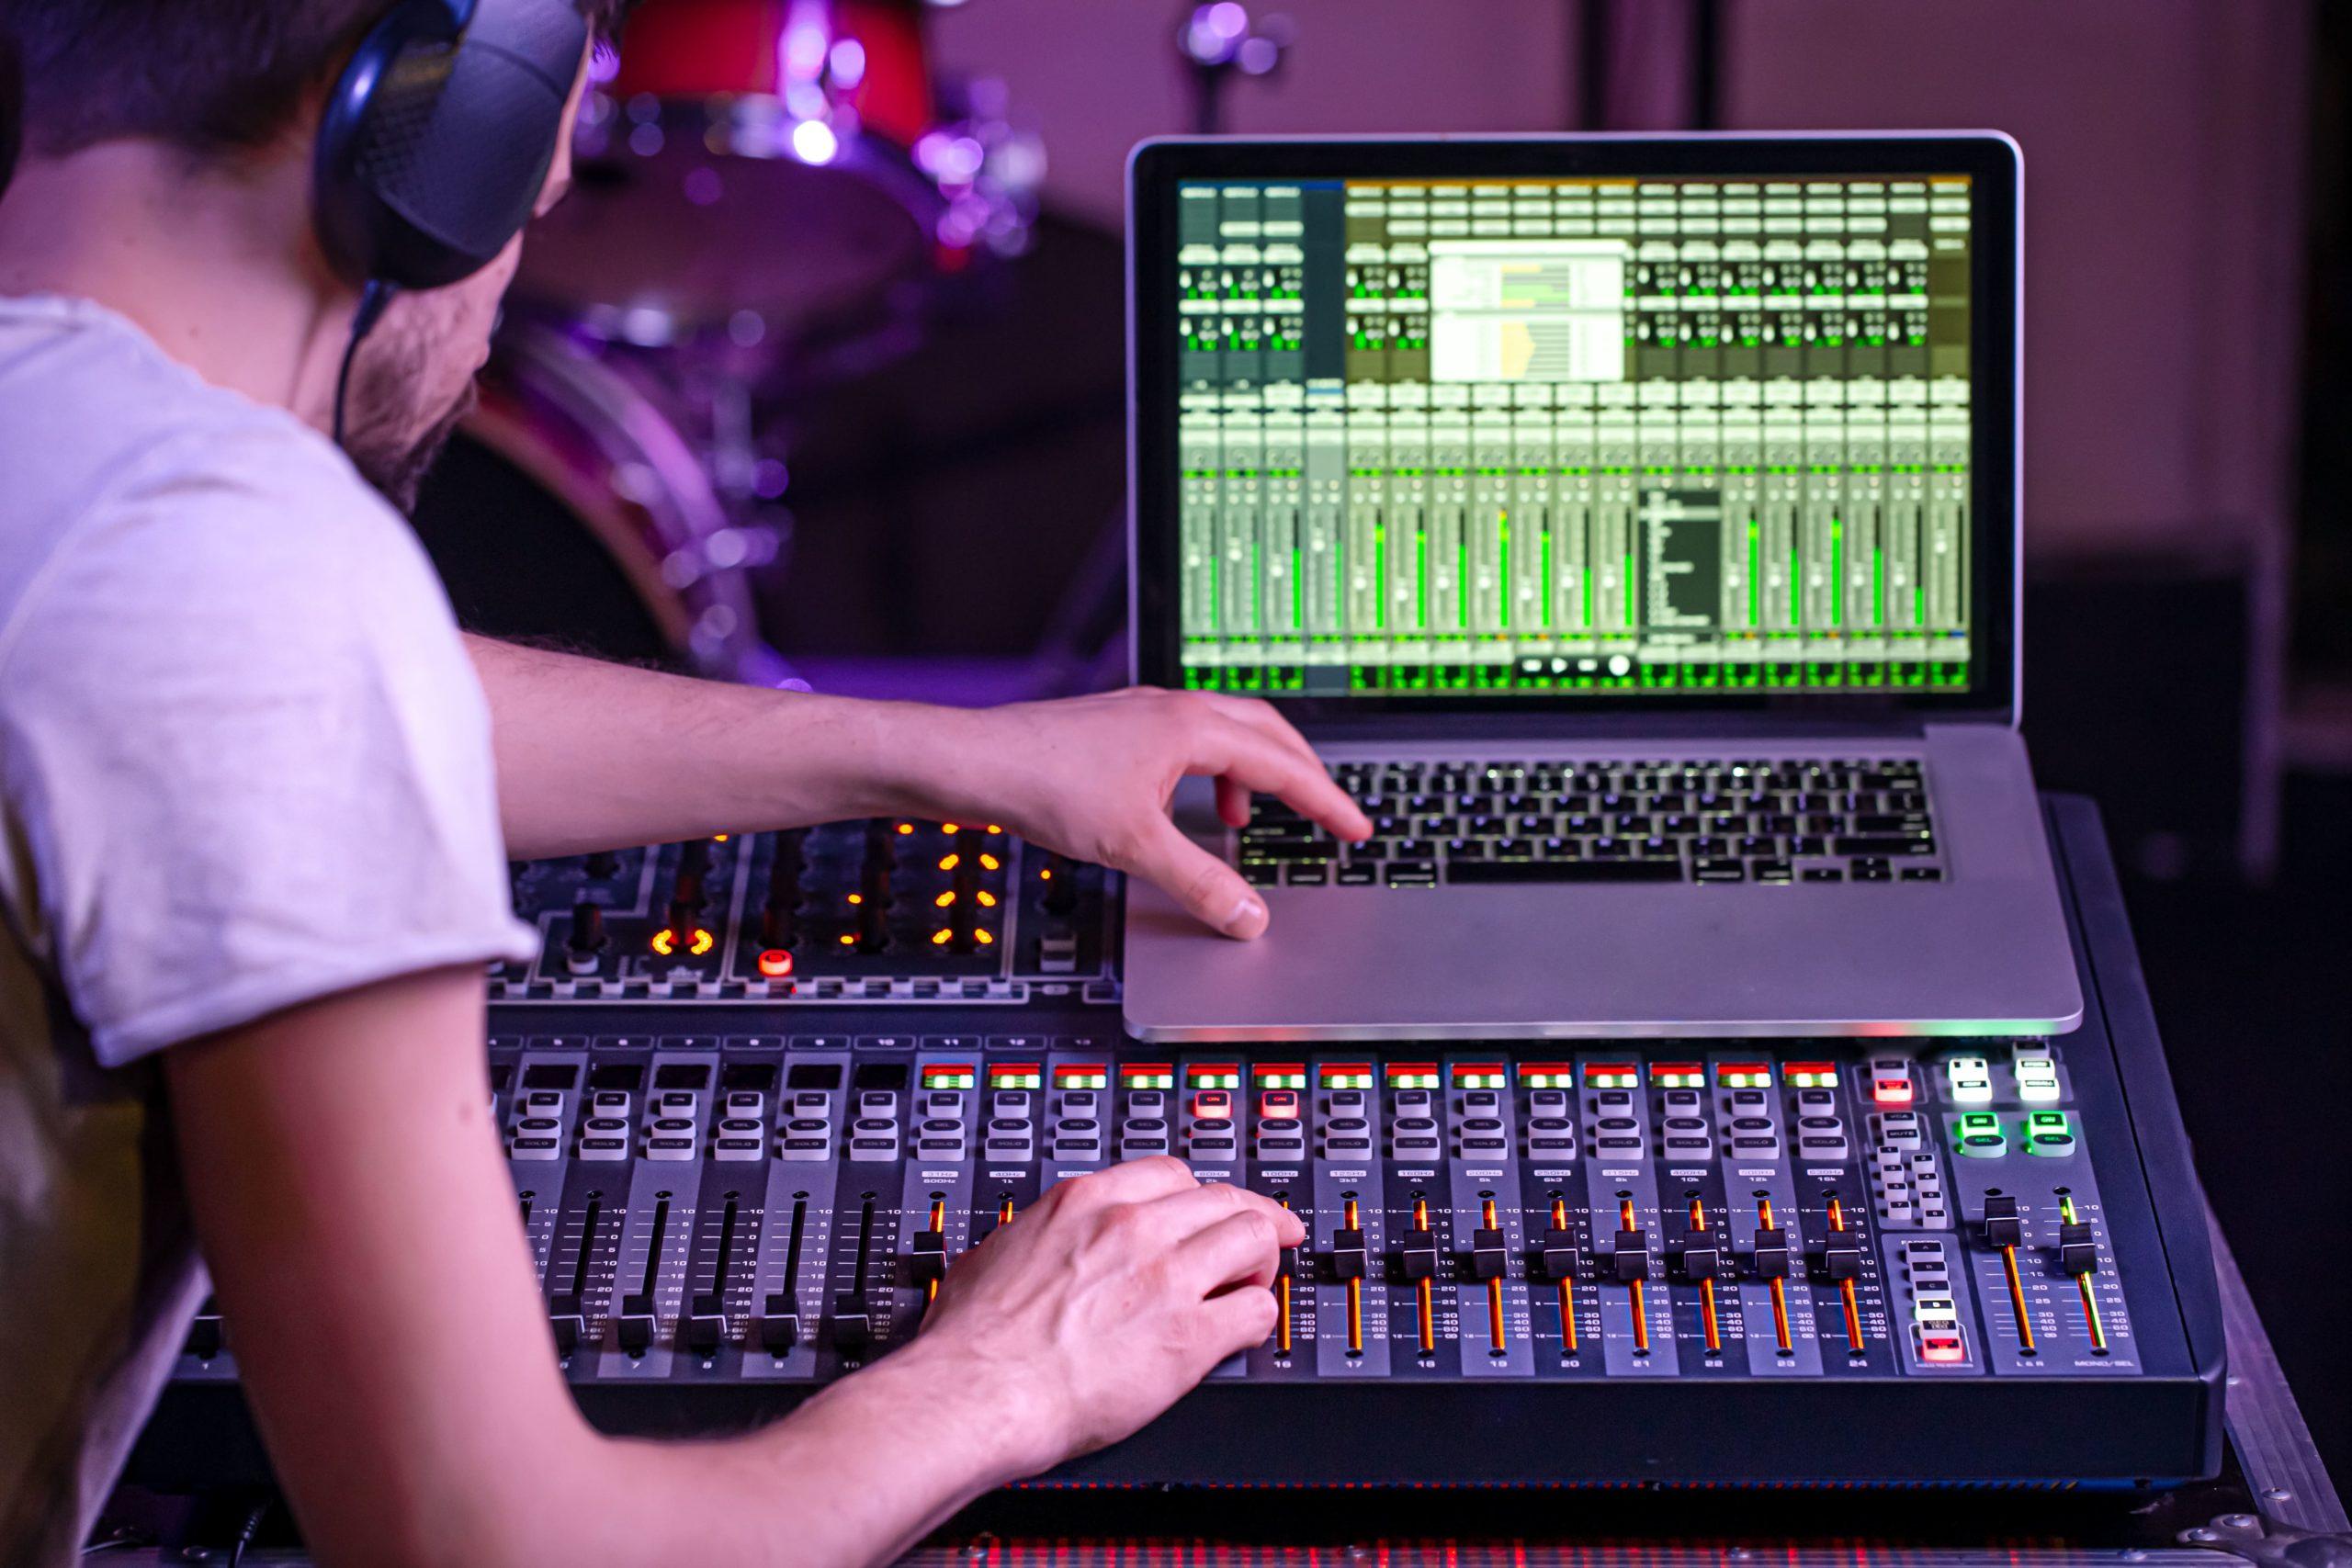 Sentezleyici / Synthesizer Nedir? Nereden Başlamalı?